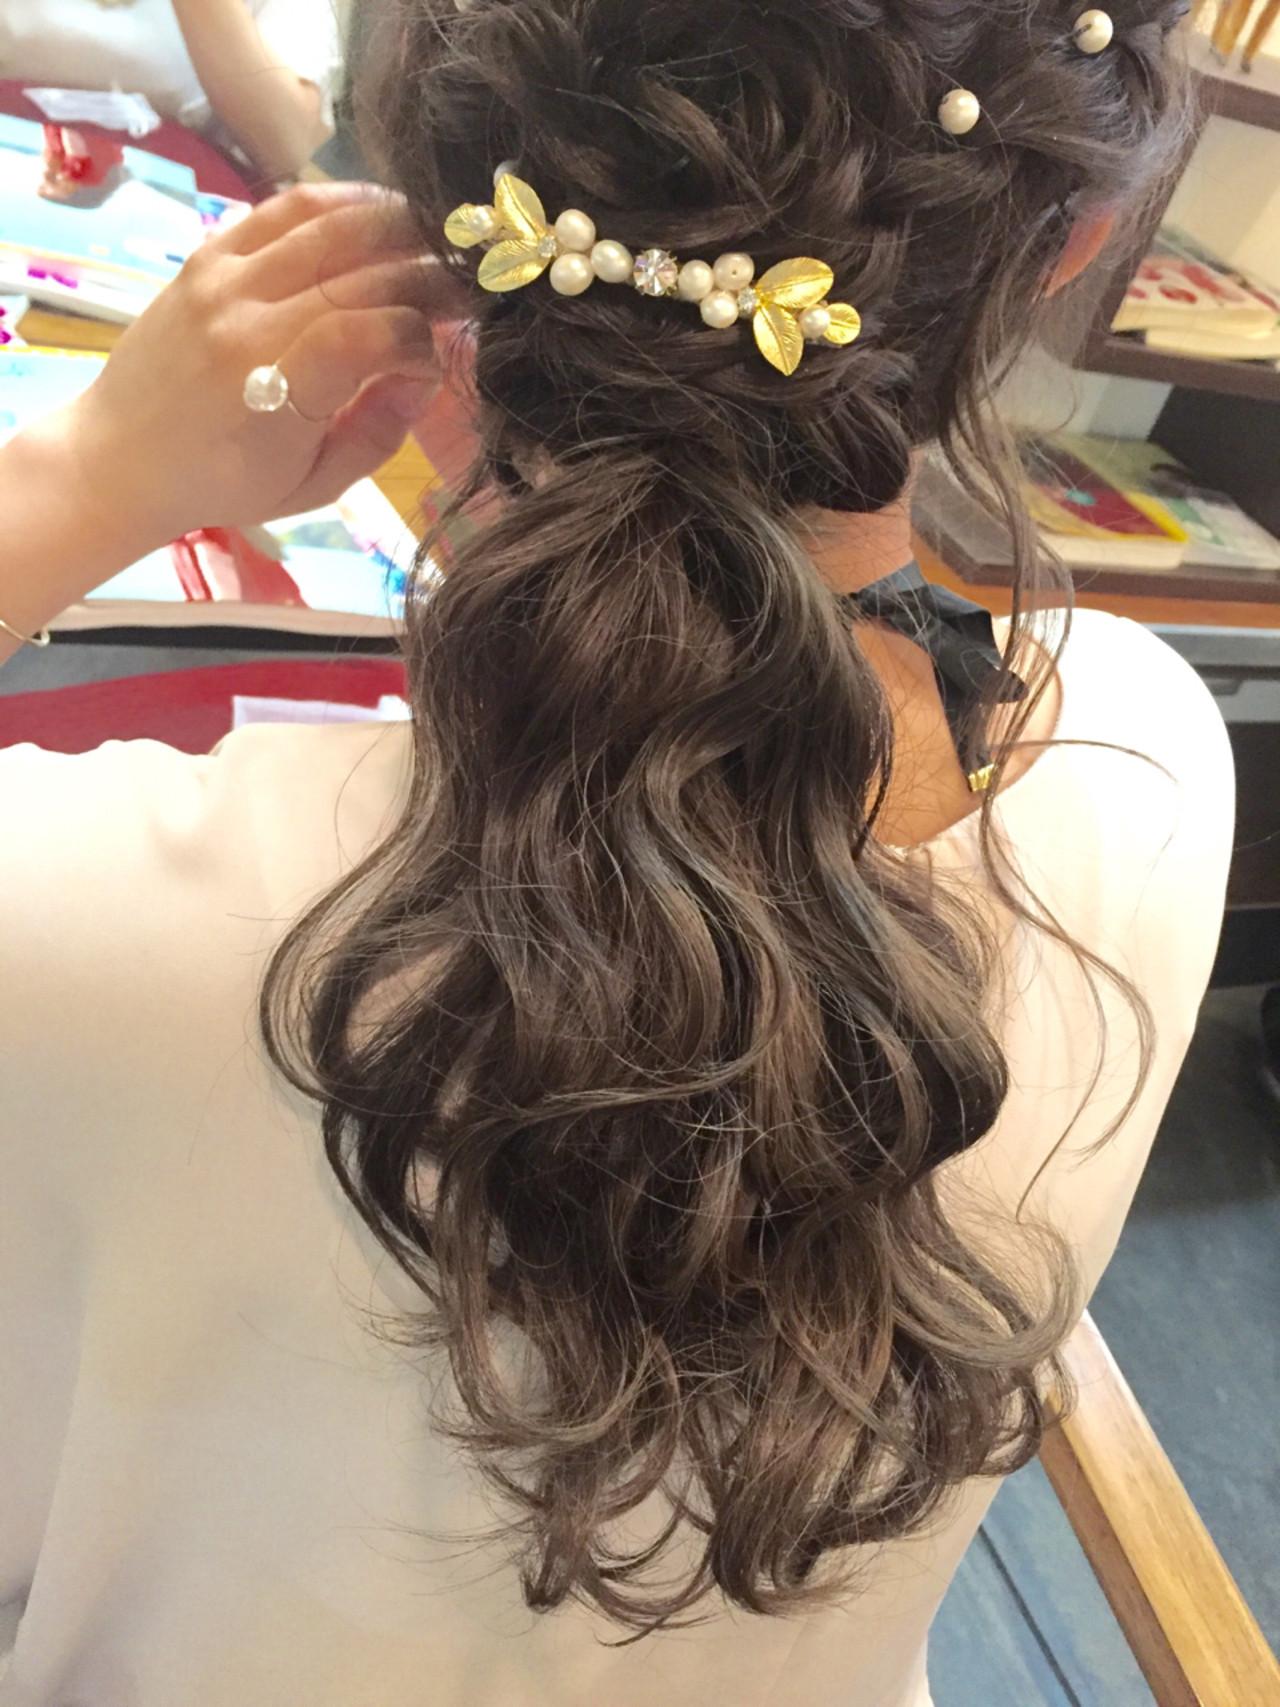 ヘアアレンジ パーティ 結婚式 編み込み ヘアスタイルや髪型の写真・画像